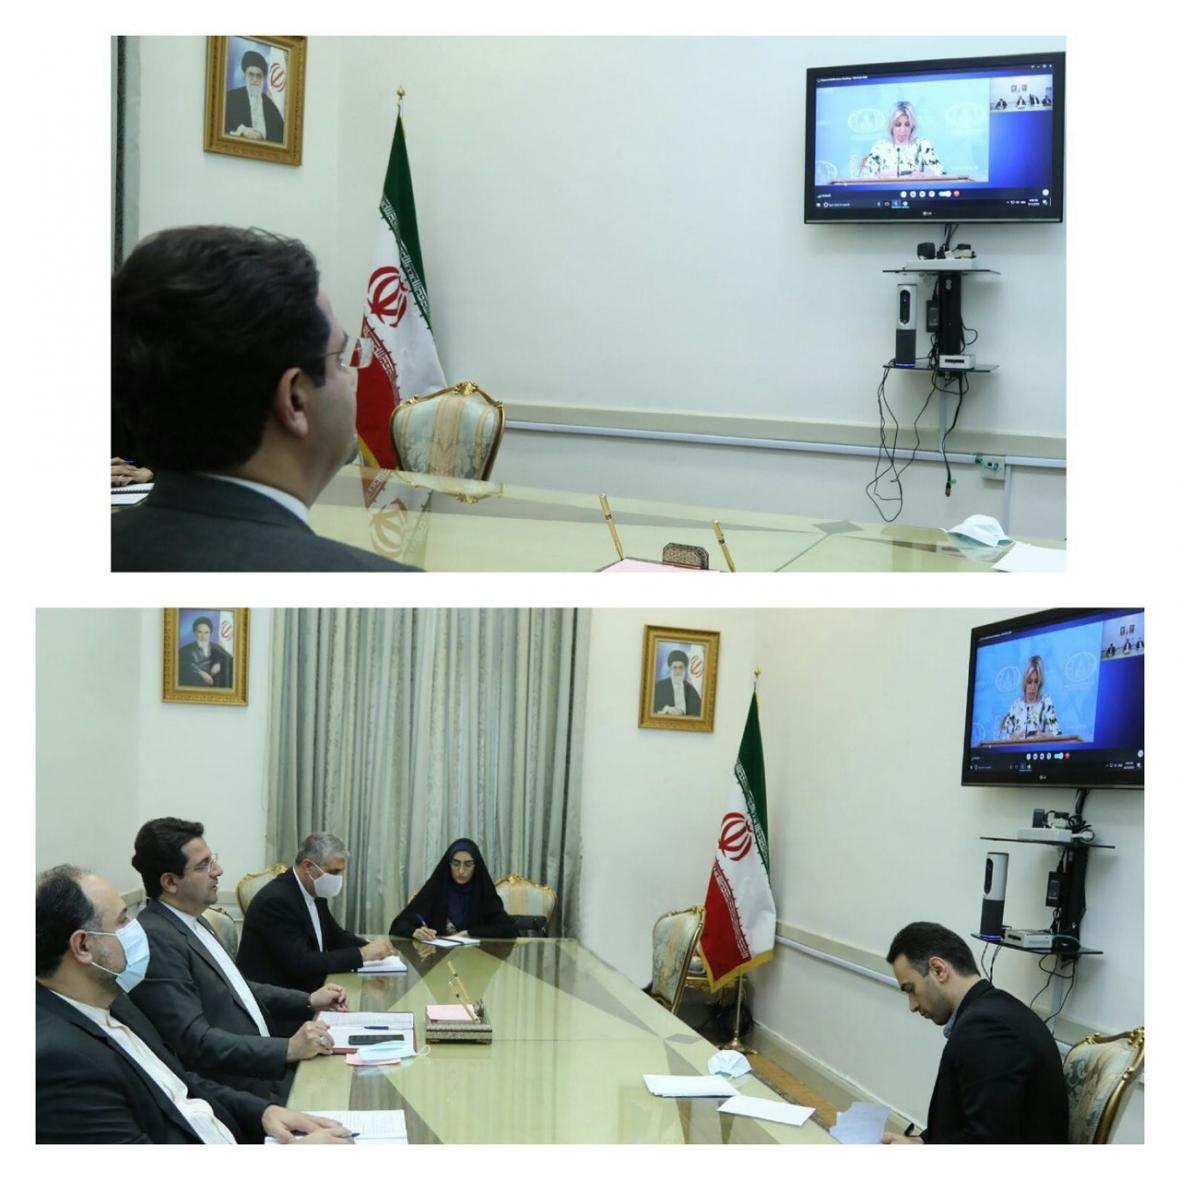 گفتگوی ویدئو کنفرانسی سخنگوی وزارت امور خارجه ایران و روسیه